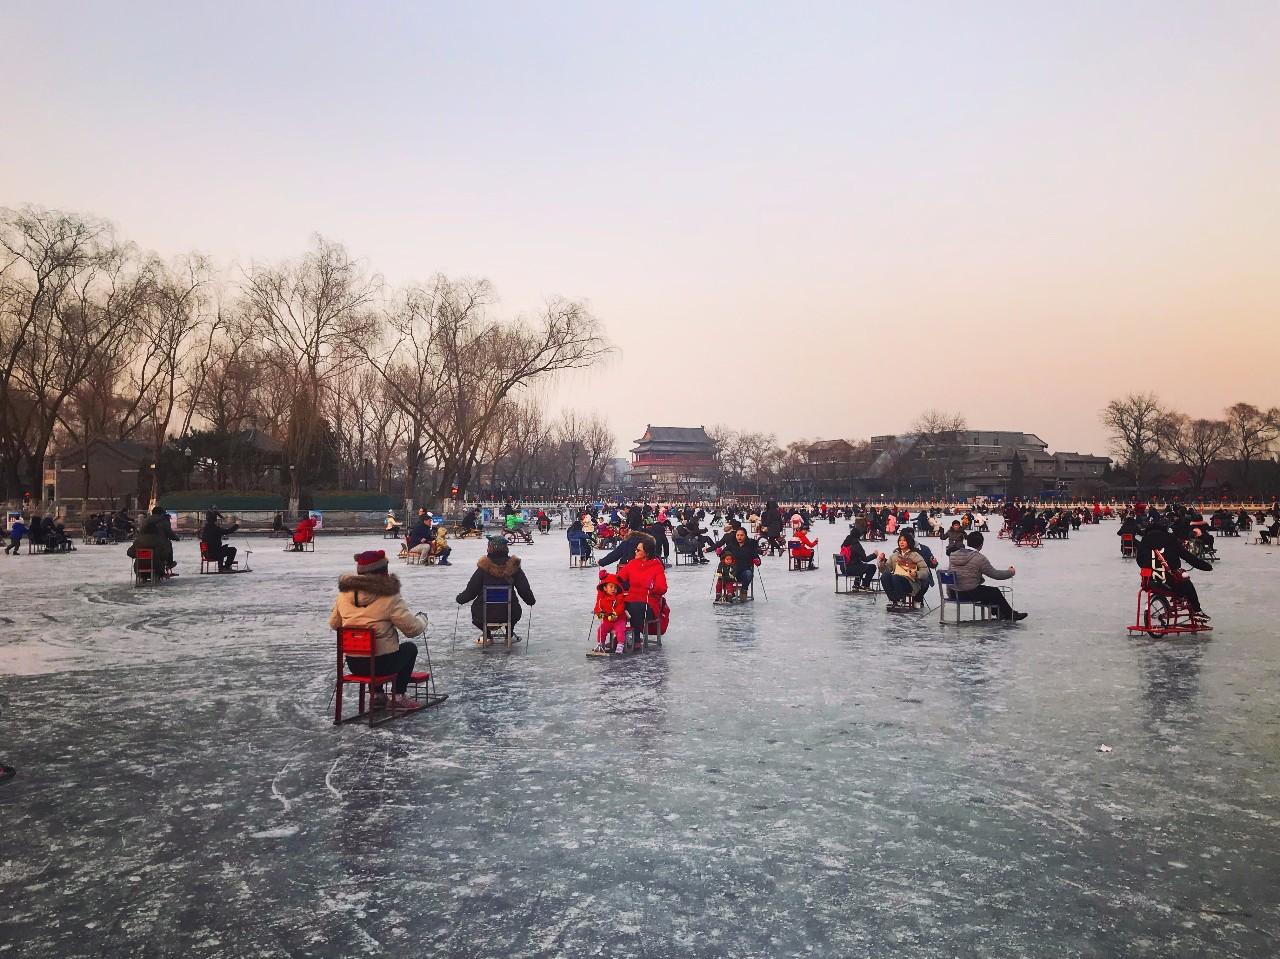 京城5大经典冰场 冬日户外溜娃玩乐圣地随你挑